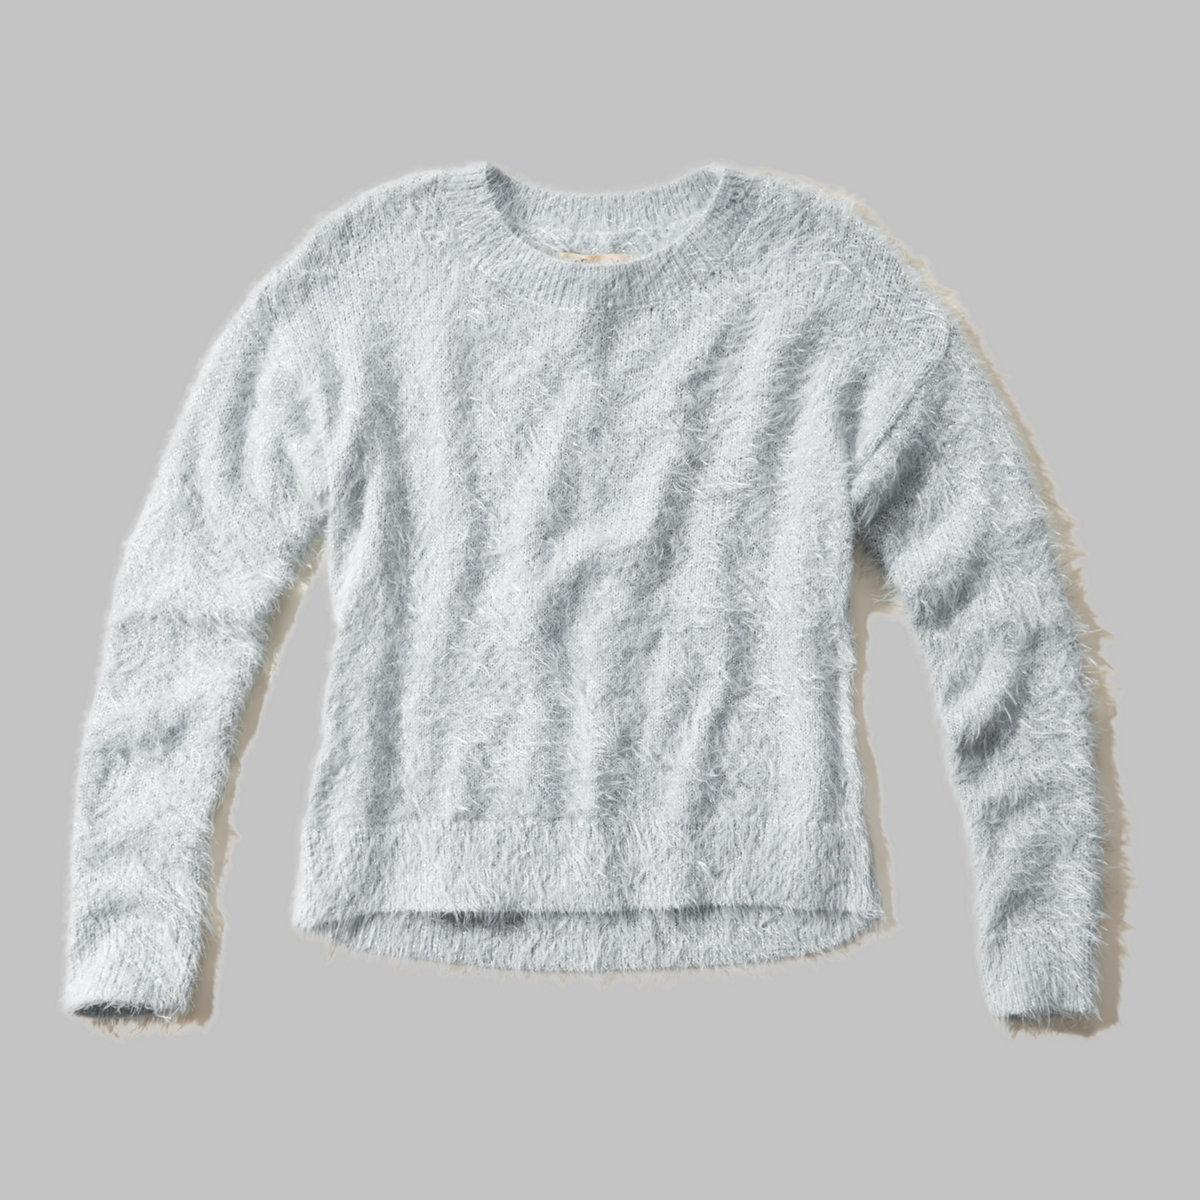 Fuzzy Shine Sweater